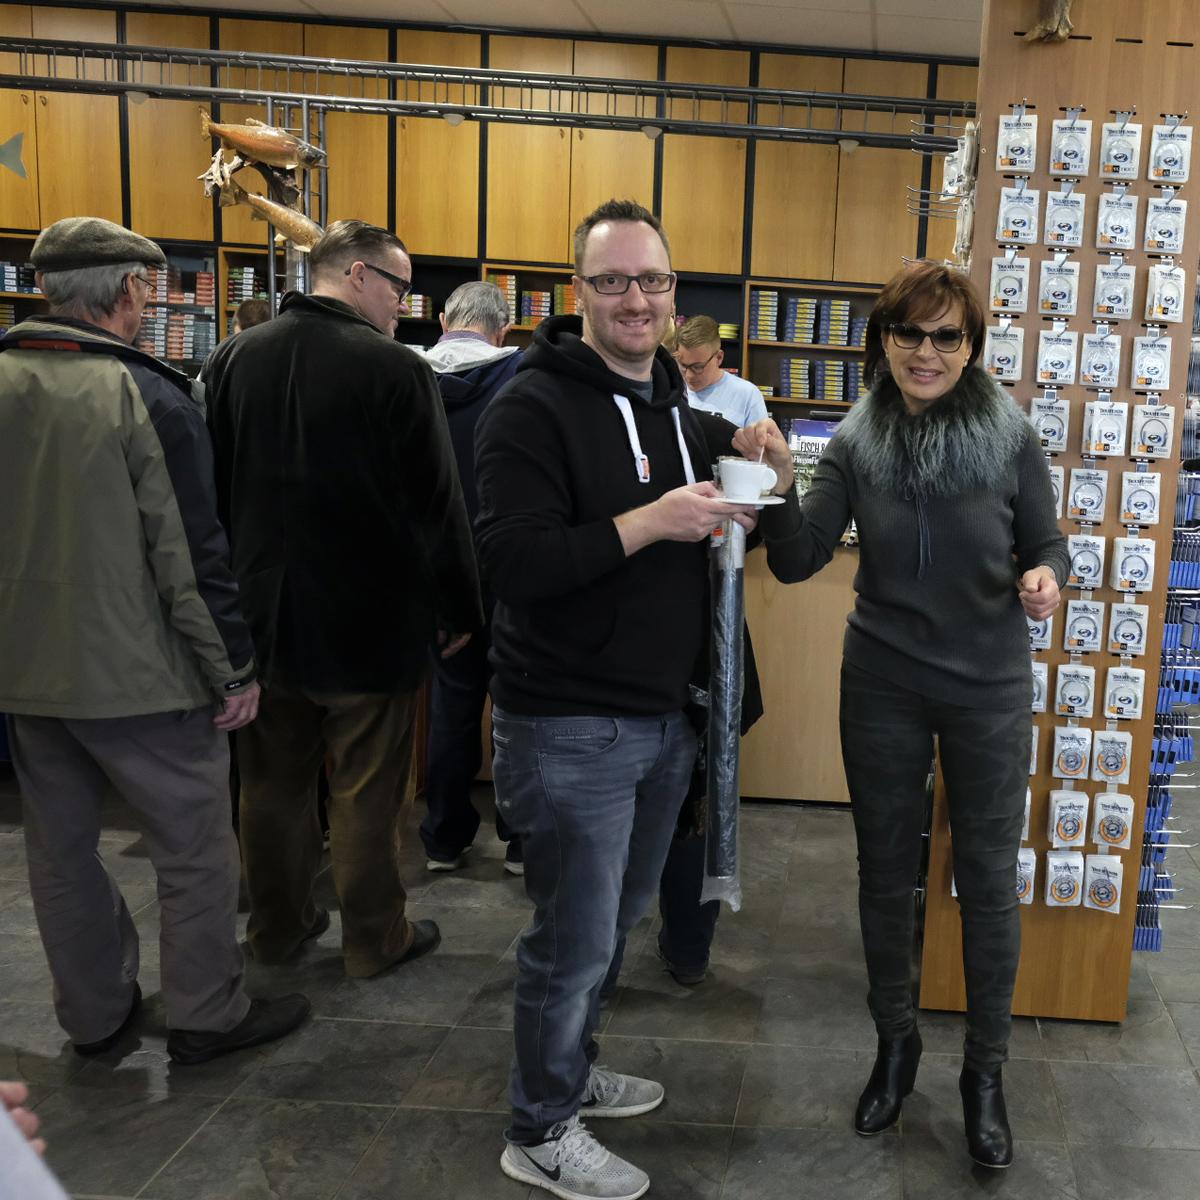 Mirjana Pavlic mit Kunden